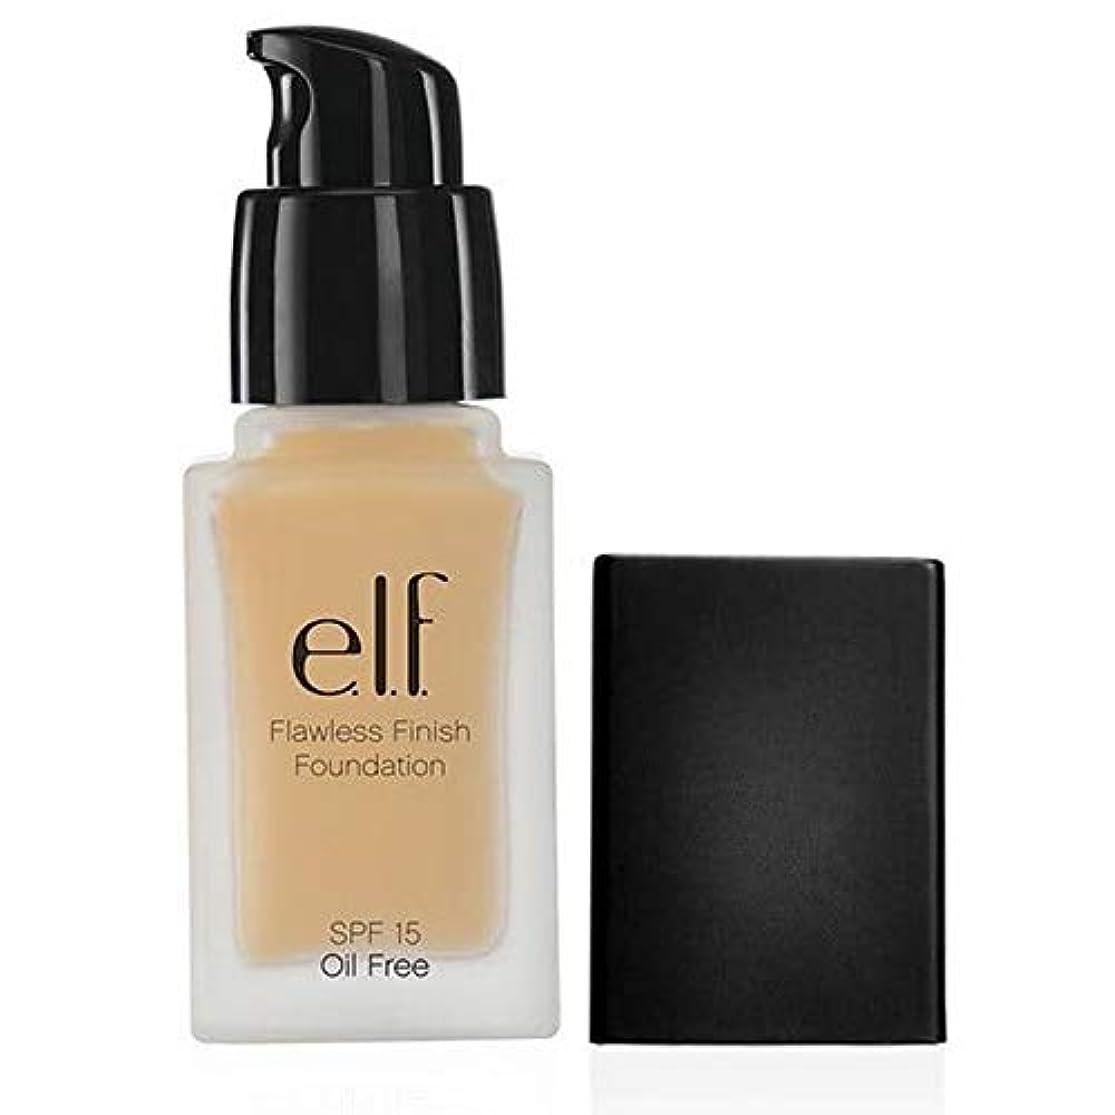 十二アレルギー性不忠[Elf ] エルフ。完璧な仕上げの土台は、15砂112をSpf - e.l.f. Flawless Finish Foundation SPF 15 Sand 112 [並行輸入品]